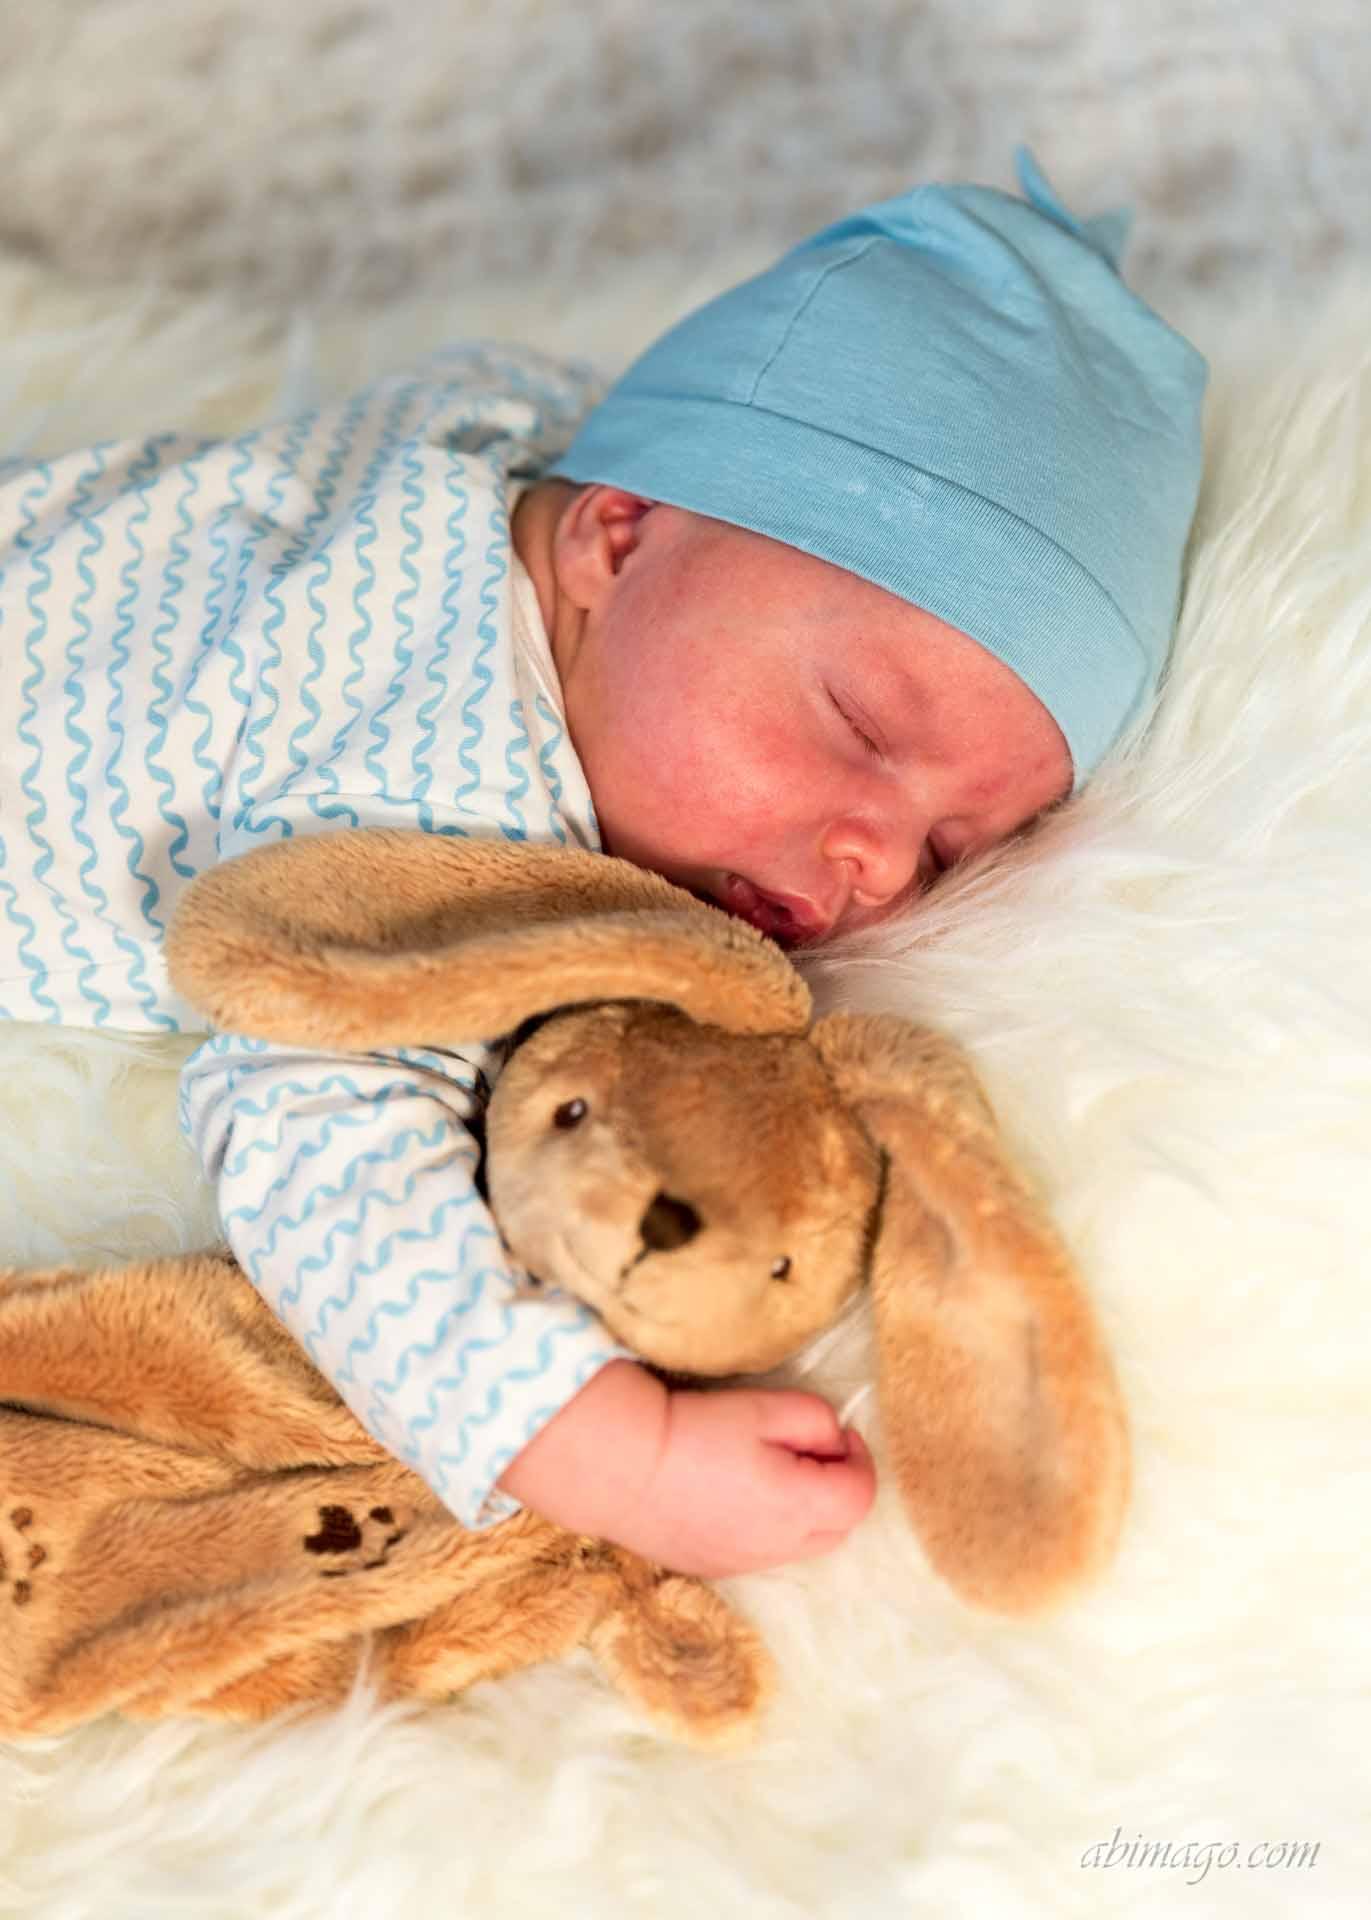 Newborn Fotografie - Babybauch Fotografie 19